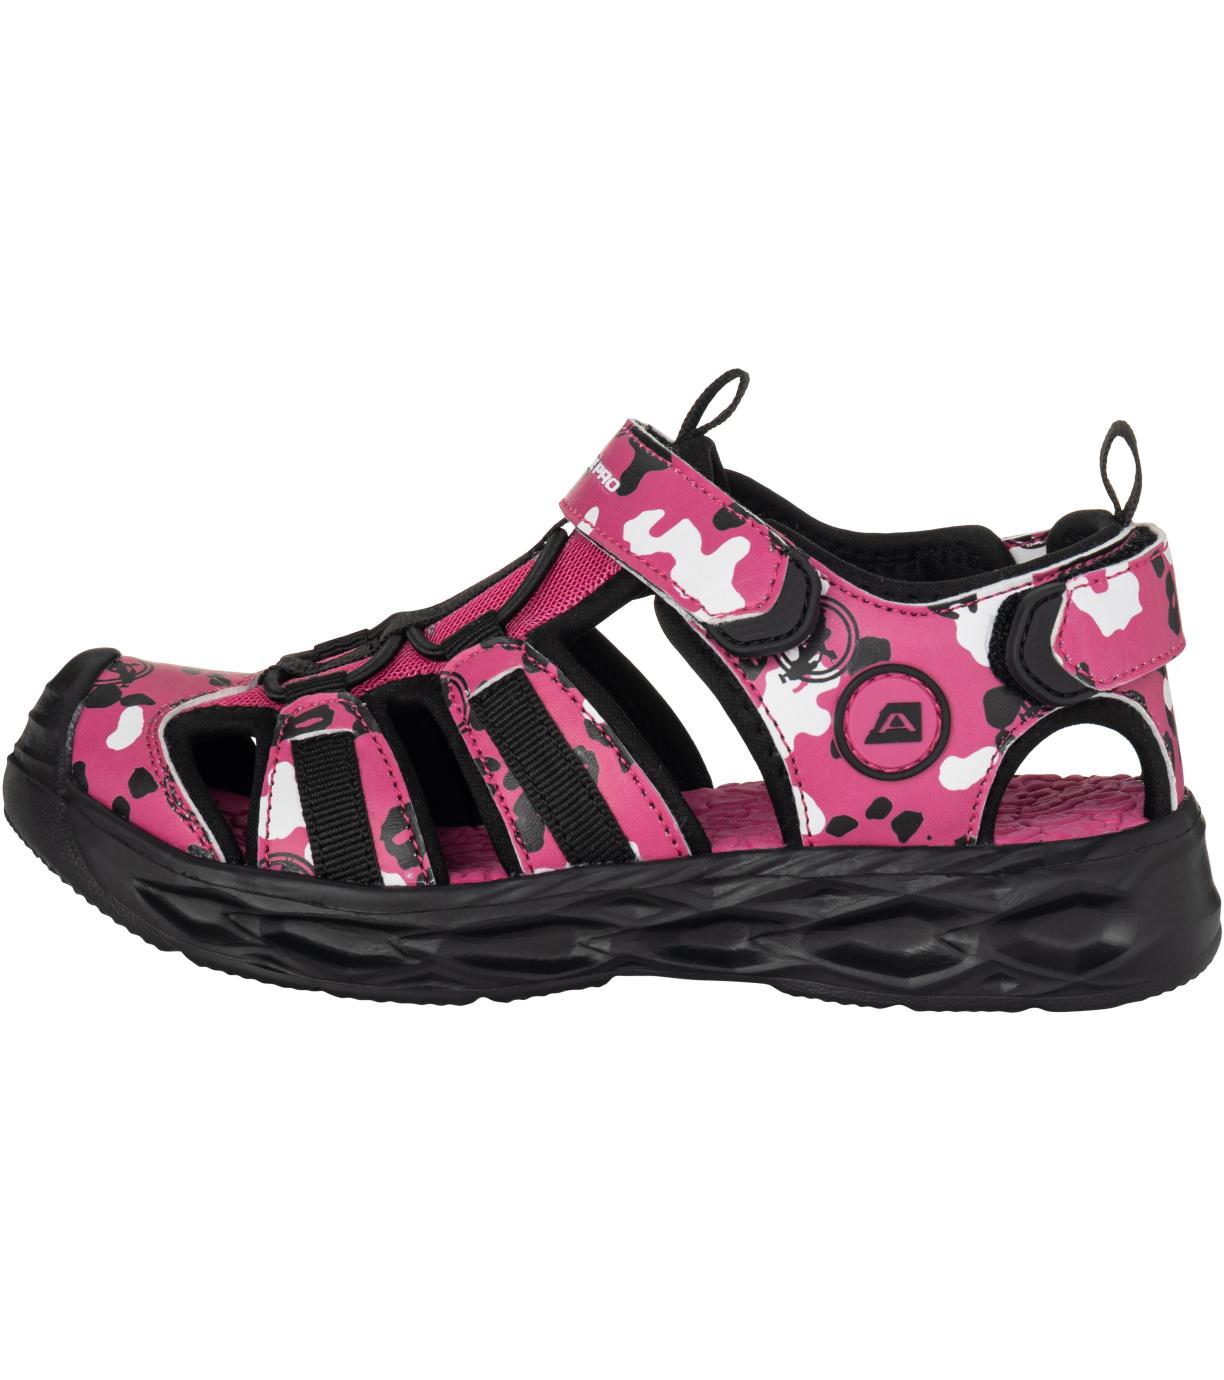 ALPINE PRO AVANO Dětské sandály KBTT278810 růžová 27